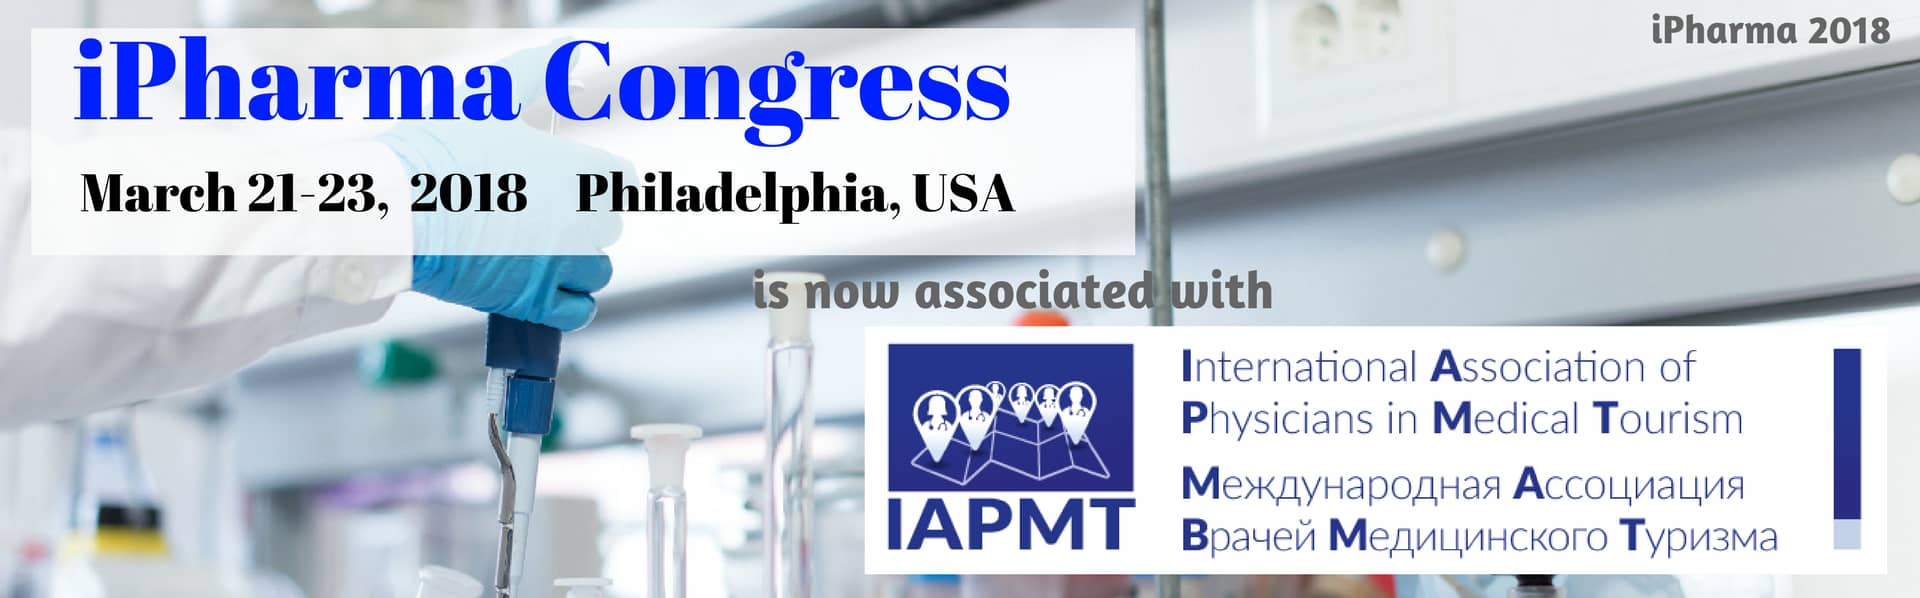 IAPMT-iPharma2018